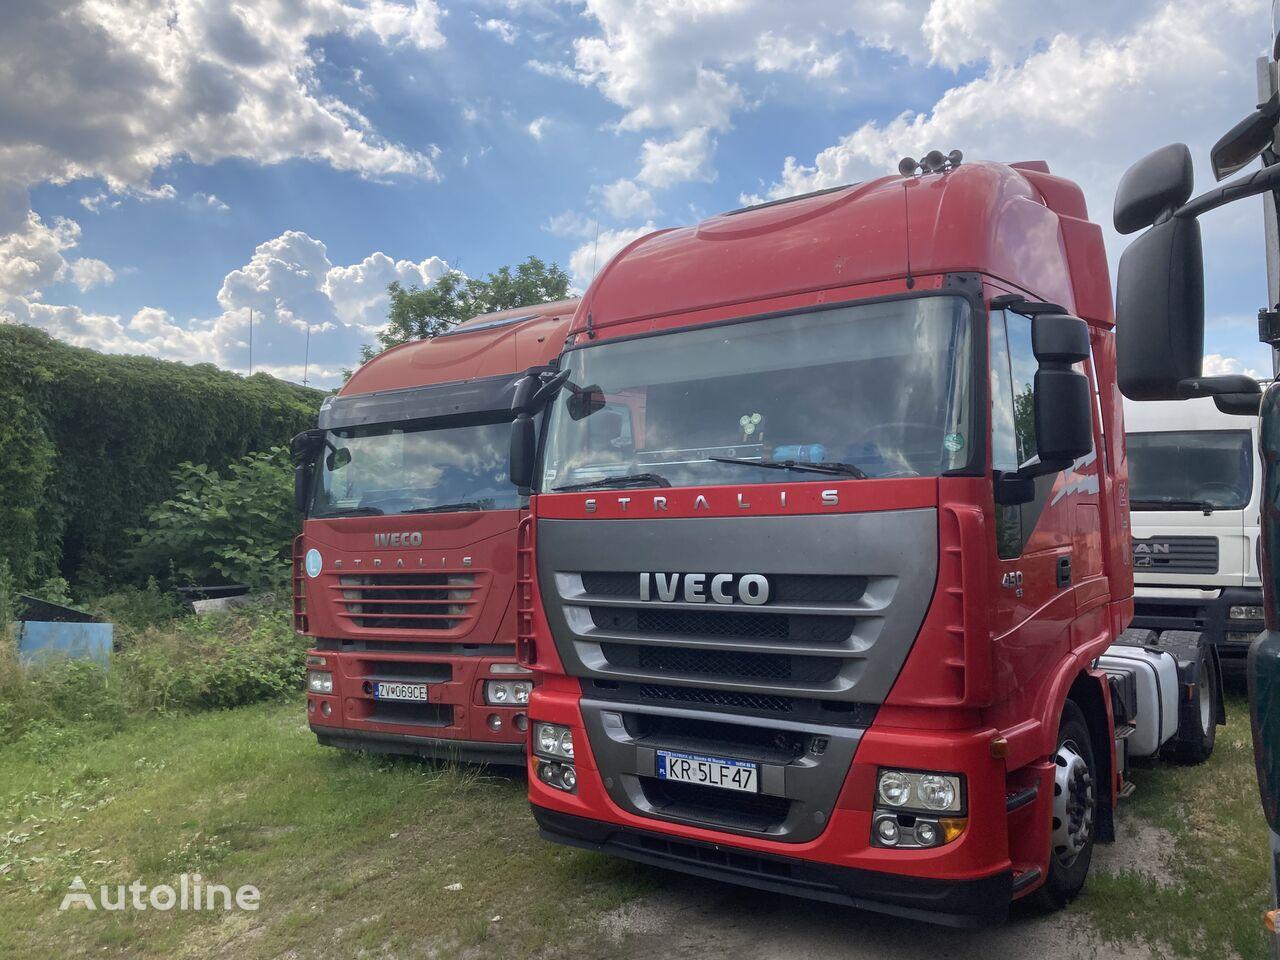 IVECO Stralis 450 Euro 5 EEV tractor unit